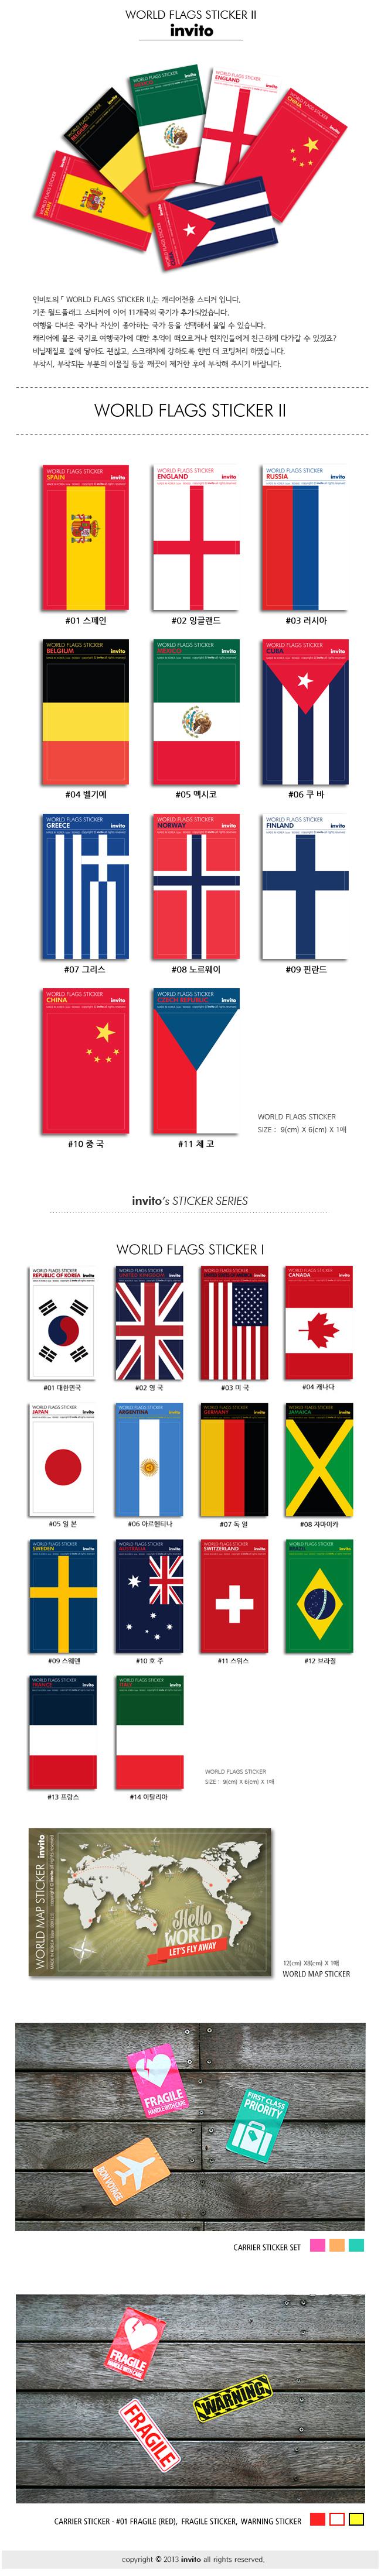 세계 국기 스티커 II - 인비토, 1,000원, 보호커버/스티커, 스티커